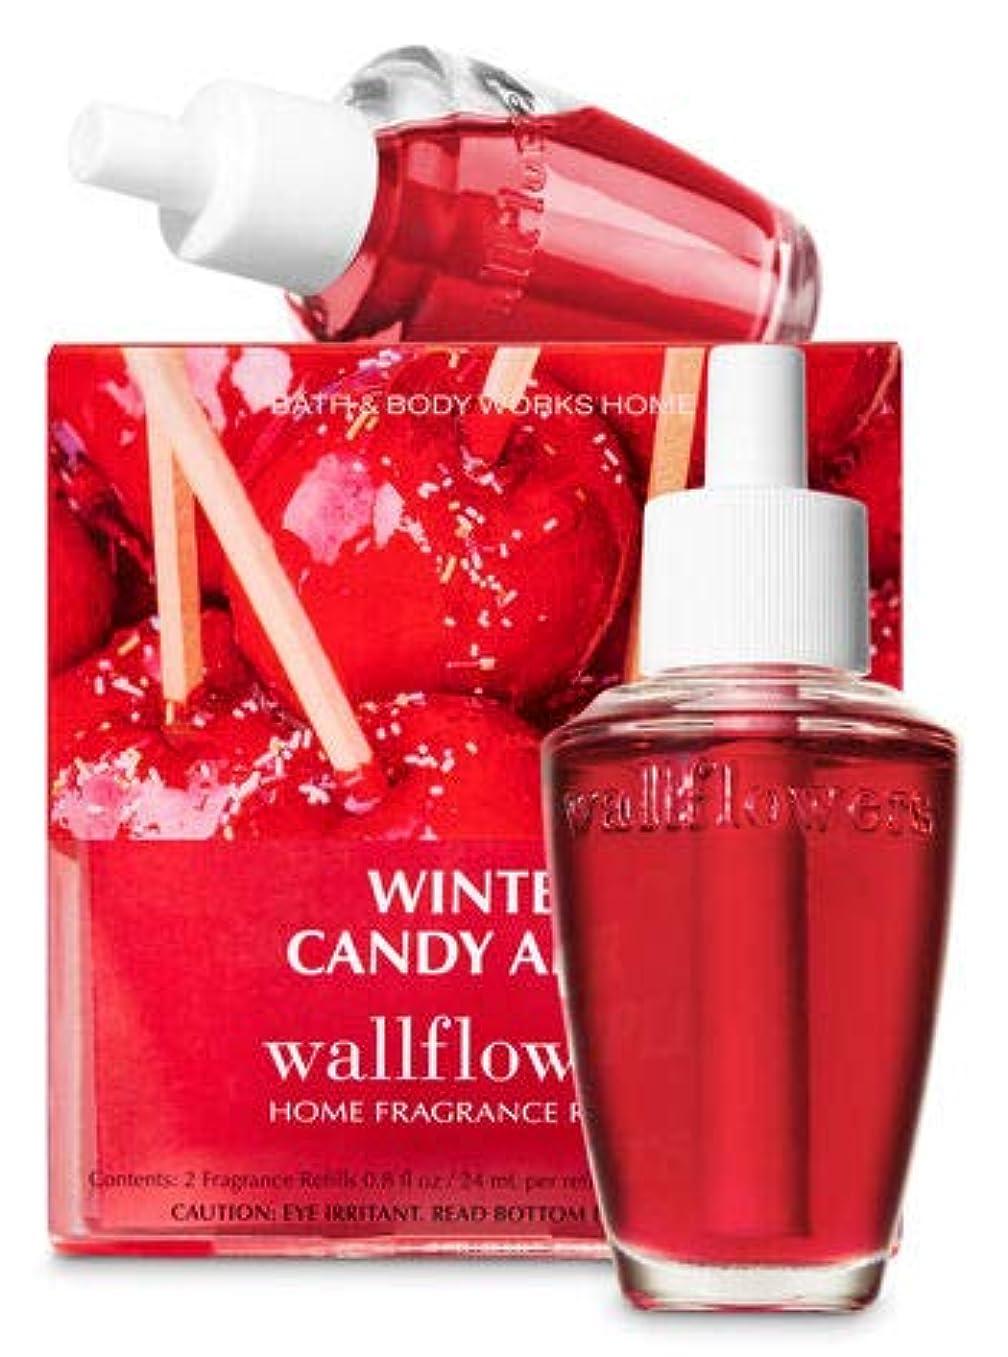 憎しみ効率的動機Bath & Body Works(バス&ボディワークス)ウインターキャンディアップル ホームフレグランス レフィル2本セット(本体は別売りです)Wallflowers 2 Pack Refill (並行輸入品)